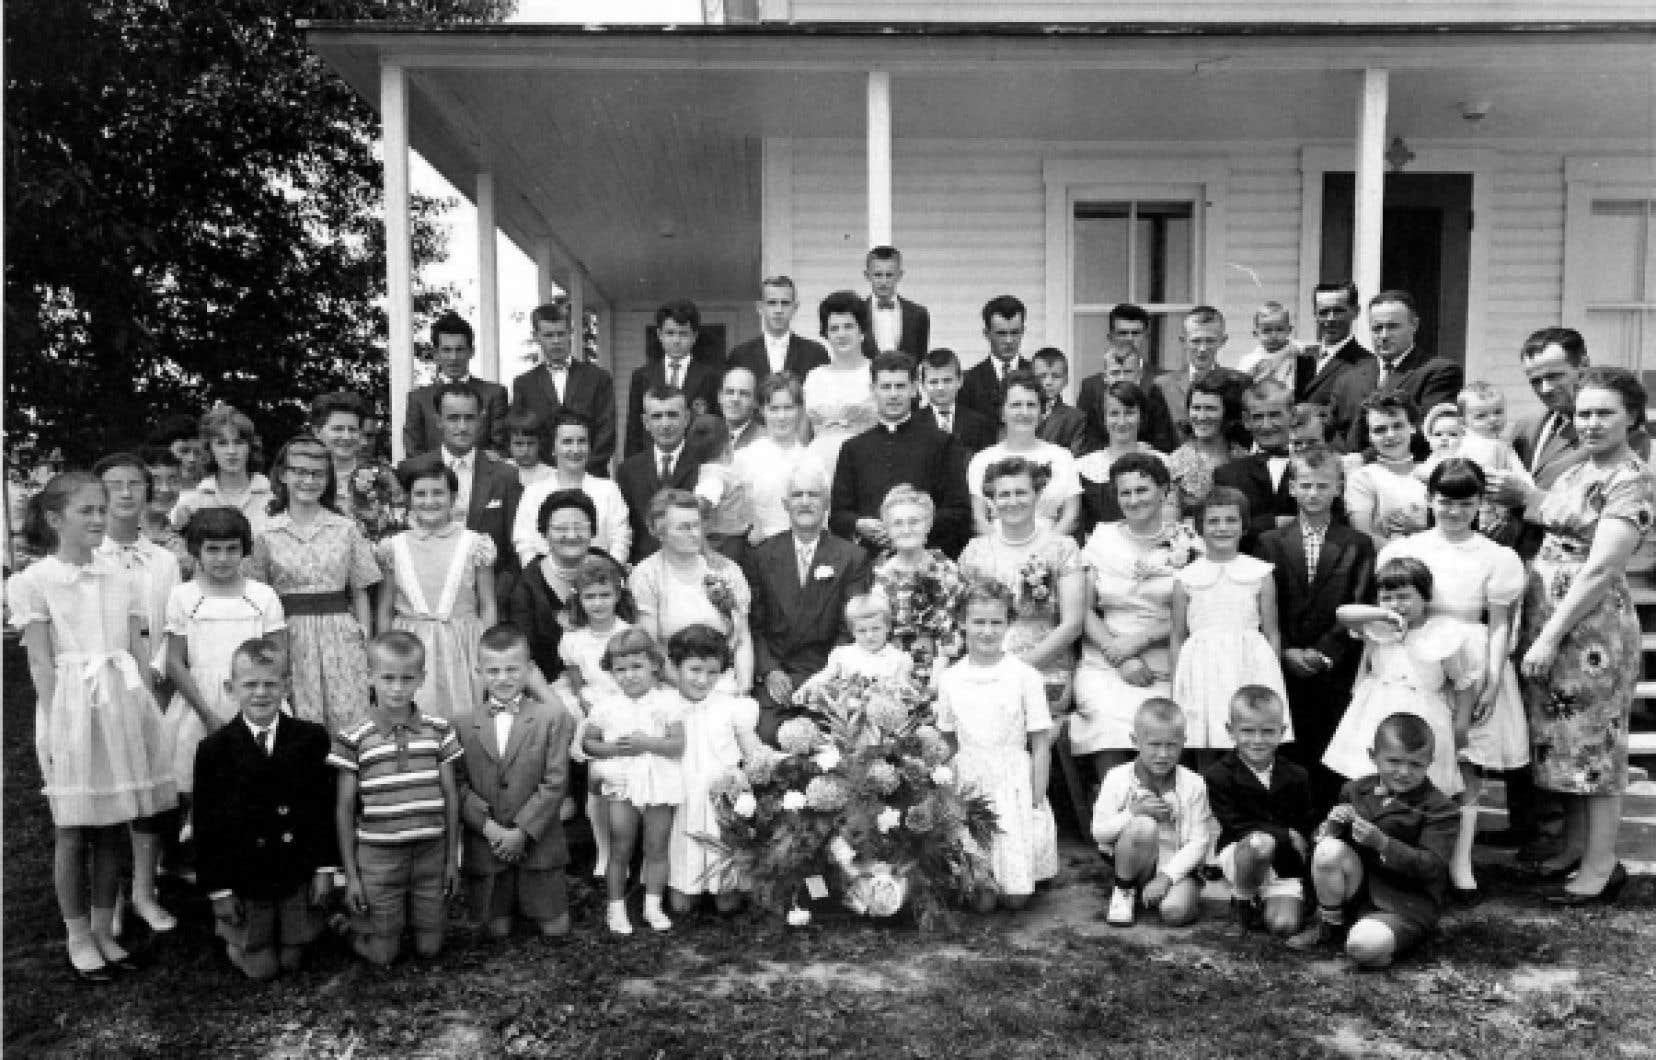 Les descendants d&rsquo;Edgar Bh&eacute;rer et D&eacute;lina Boivin photographi&eacute;s en 1960 lors du 50e anniversaire de mariage du couple &agrave; Saint-F&eacute;licien.<br />